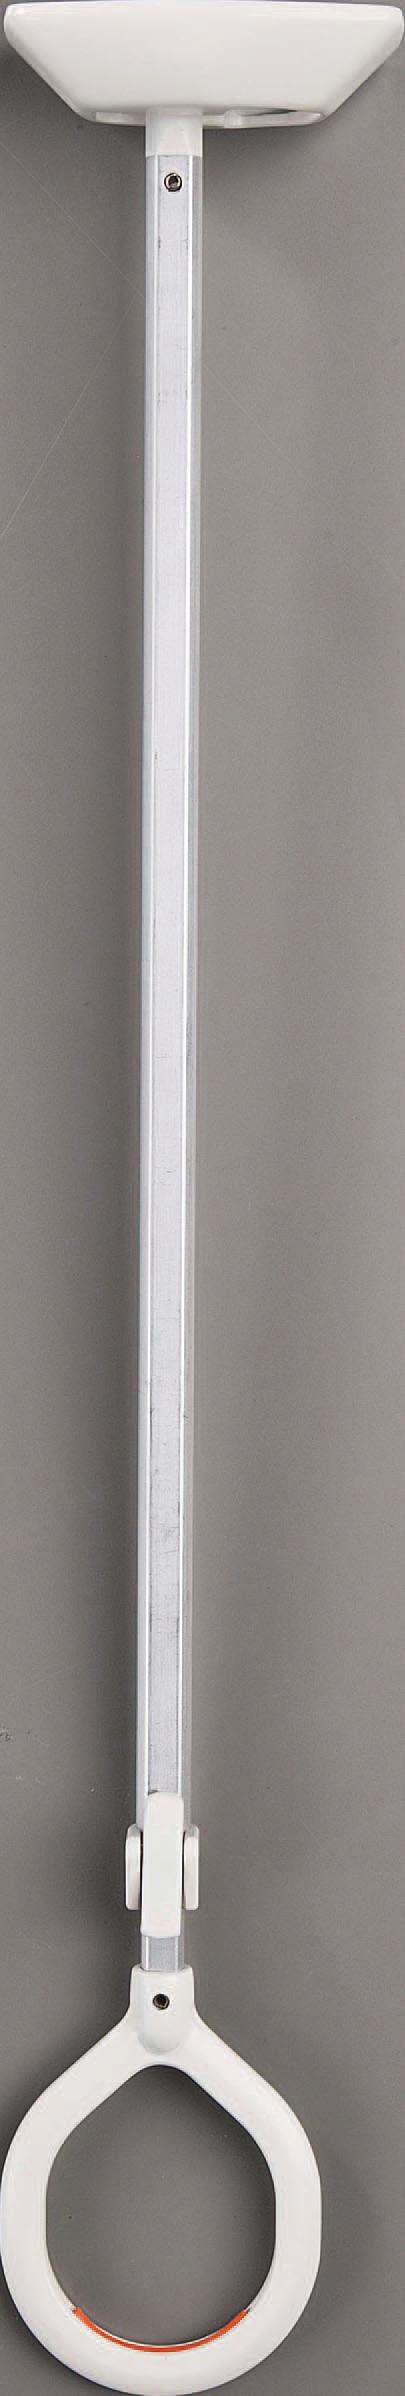 室内物干金物(天吊型)2個セット SK-AT-2